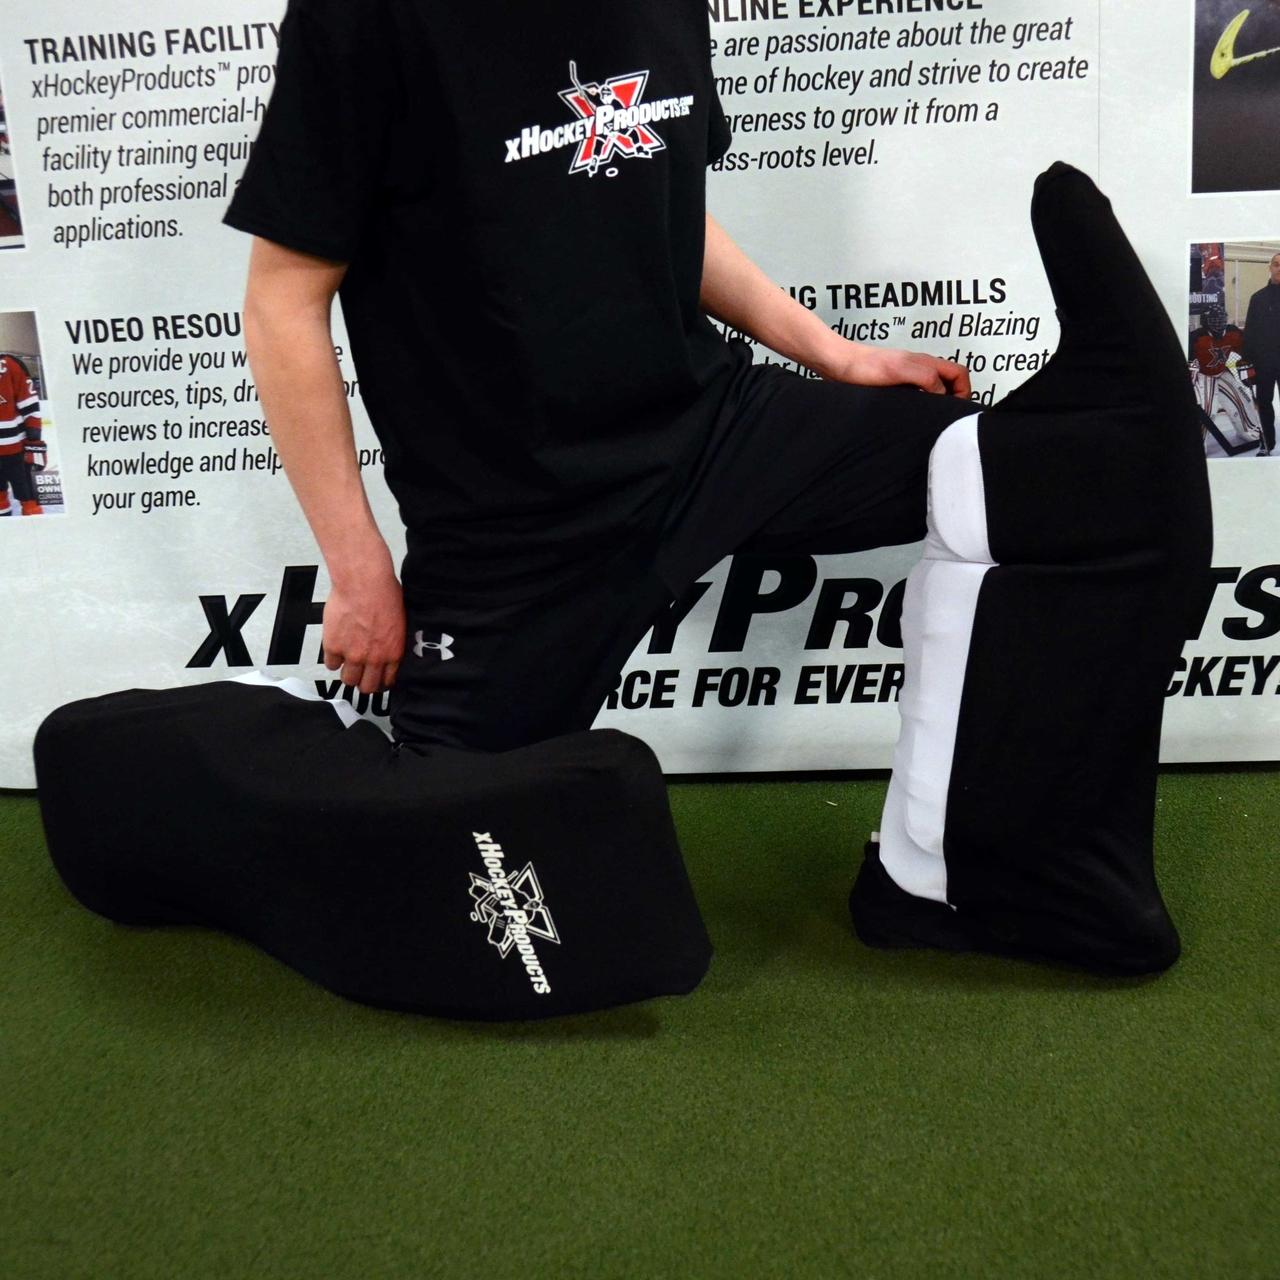 Goalie Leg Pad Sleeves